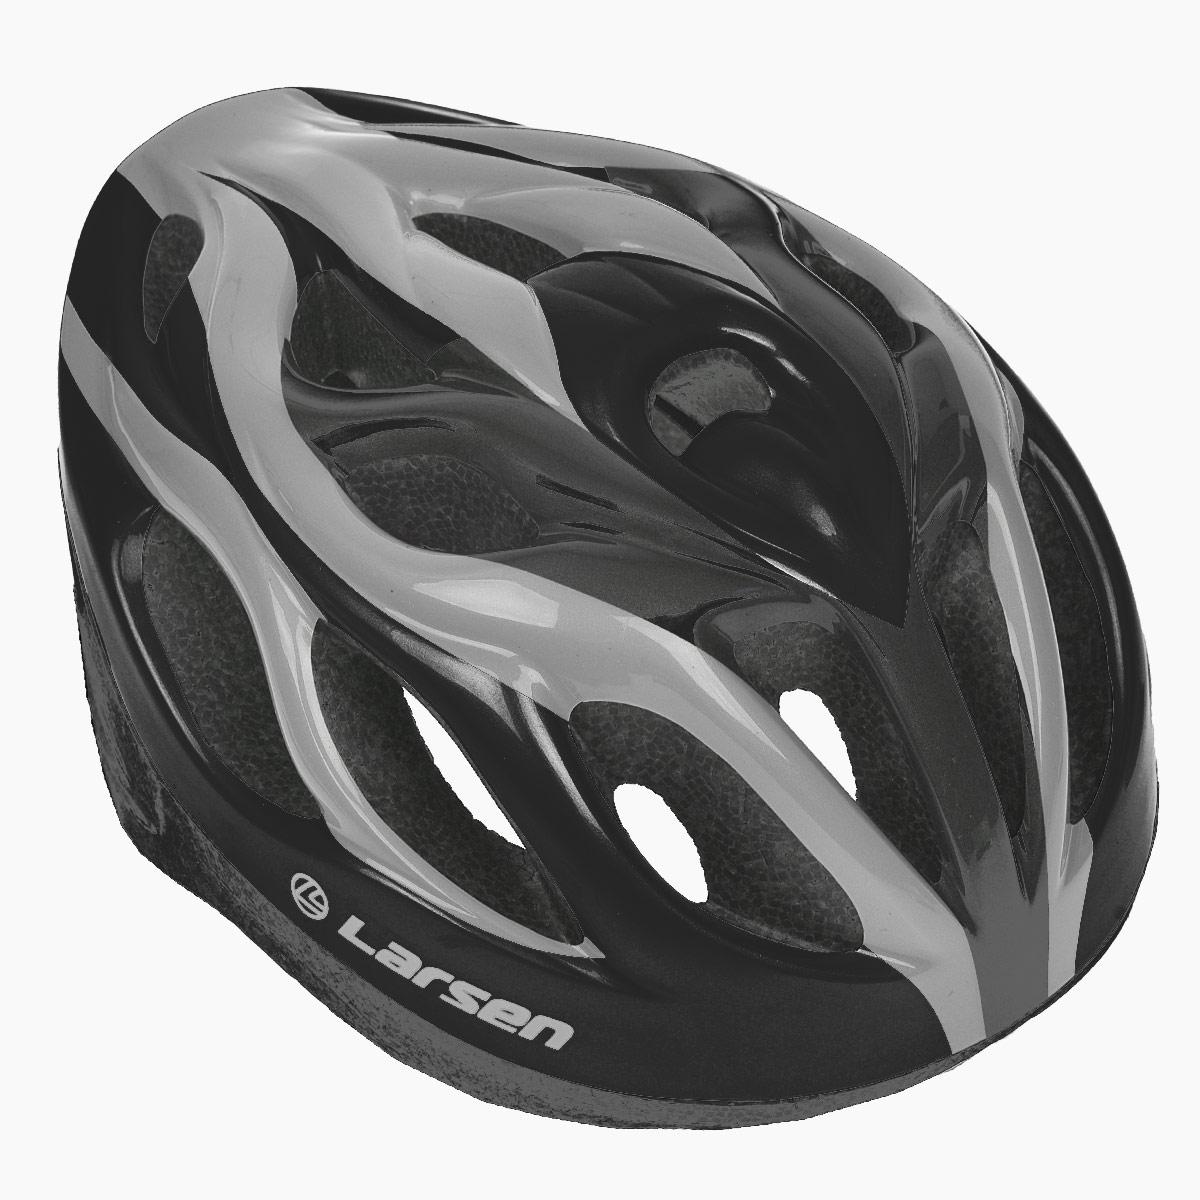 Шлем роликовый Larsen H3BW, цвет: черный, серебристый. Размер L (54-57 см)286910Надежный роликовый шлем Larsen H3BW сделает ваш активный отдых безопасным.Шлем выполнен из прочного пластика и отлично защищает от травм. Внутренняя сторона шлема оснащена мягкими текстильными накладками, которые обеспечивают надежное прилегание шлема и комфорт при использовании. Шлем имеет систему систему вентиляции. Он отлично сядет по голове, благодаря регулируемым ремешкам и практичному механическому регулятору.Роликовый шлем станет незаменимым дополнением для полноценного летнего отдыха и занятия активными видами спорта.